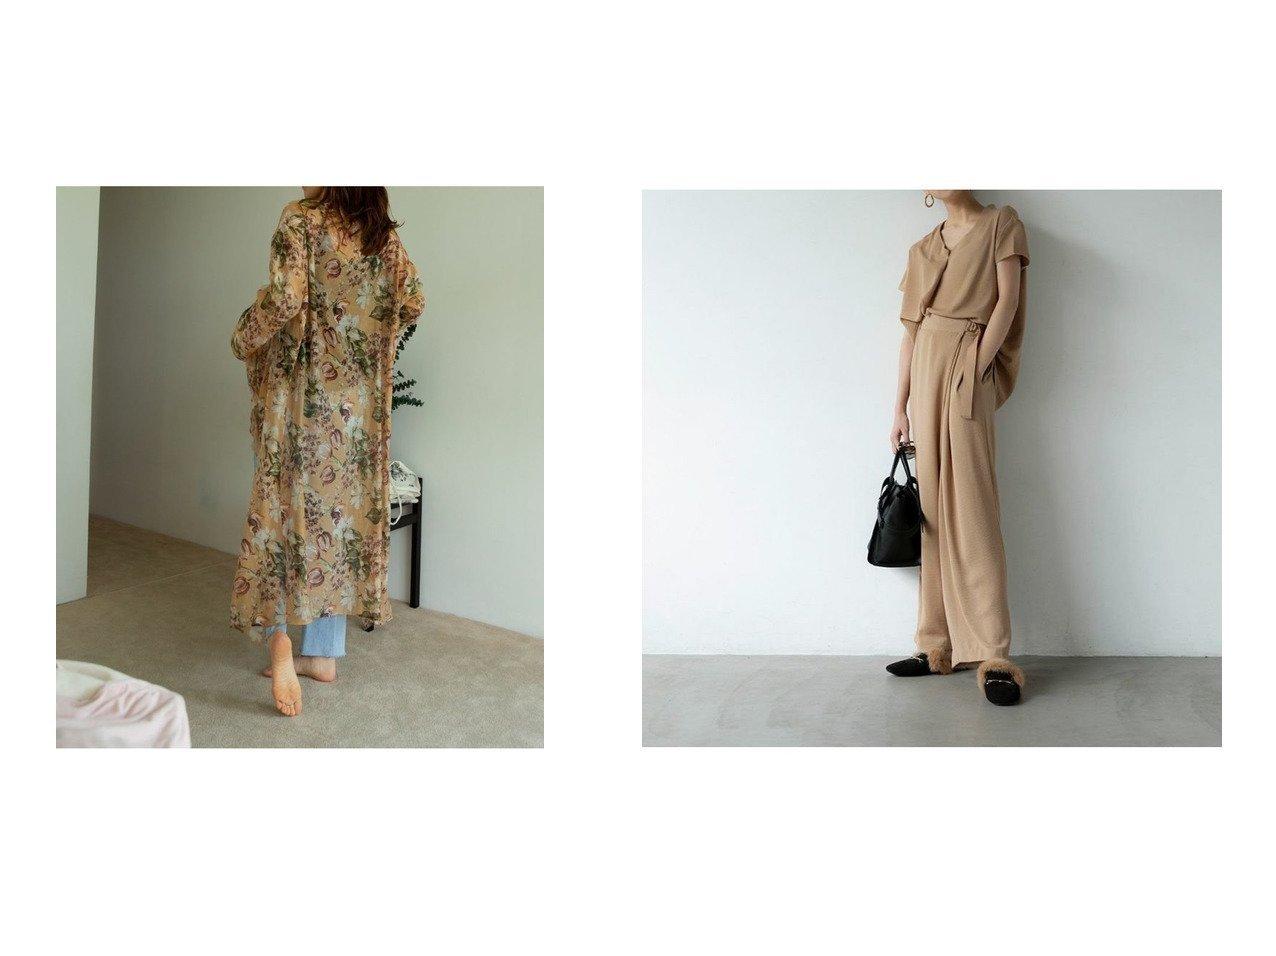 【marjour/マージュール】のmarjourフラワーカーディガン FLOWER CARDIGAN&marjourドライタッチセットアップ DRYTOUCH SETUP マージュールのおすすめ!人気、トレンド・レディースファッションの通販 おすすめで人気の流行・トレンド、ファッションの通販商品 メンズファッション・キッズファッション・インテリア・家具・レディースファッション・服の通販 founy(ファニー) https://founy.com/ ファッション Fashion レディースファッション WOMEN トップス カットソー Tops Tshirt カーディガン Cardigans セットアップ Setup カーディガン シアー ノースリーブ フラワー ロング アシンメトリー シフォン セットアップ ワイド 半袖  ID:crp329100000021577